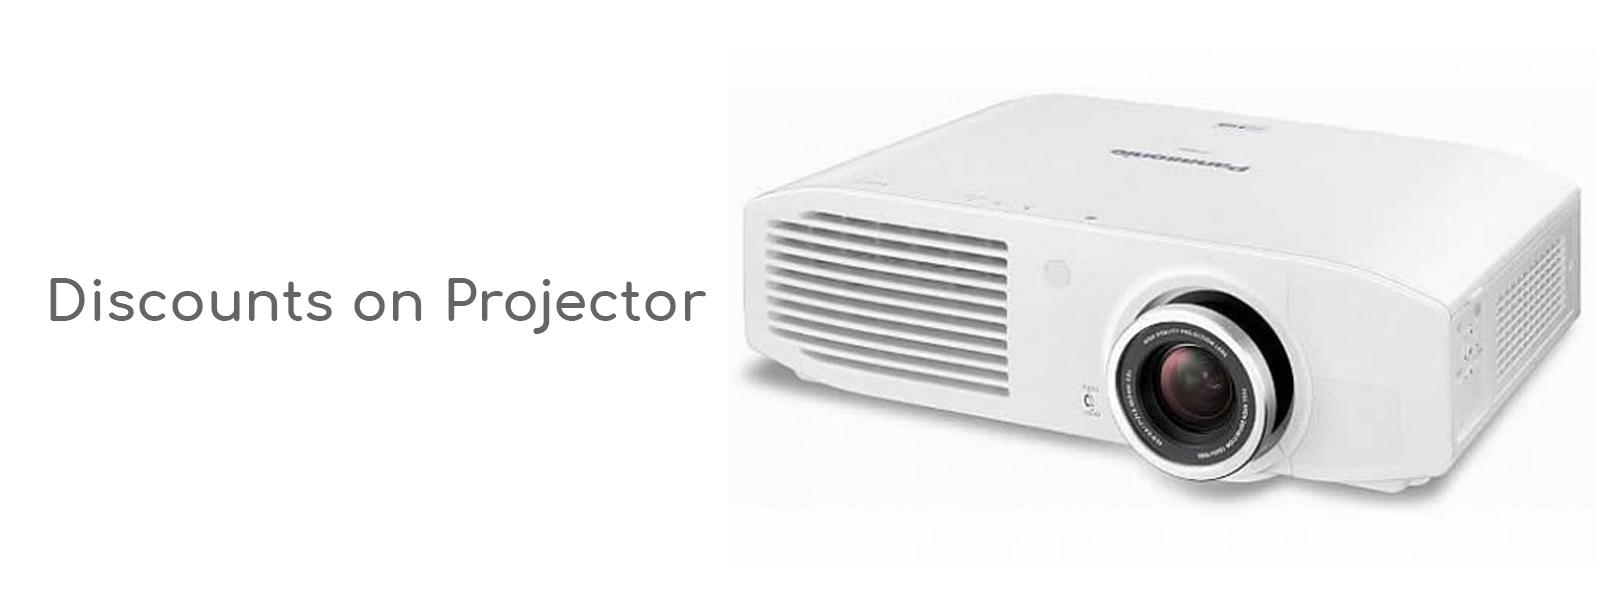 Flipkart Projectors